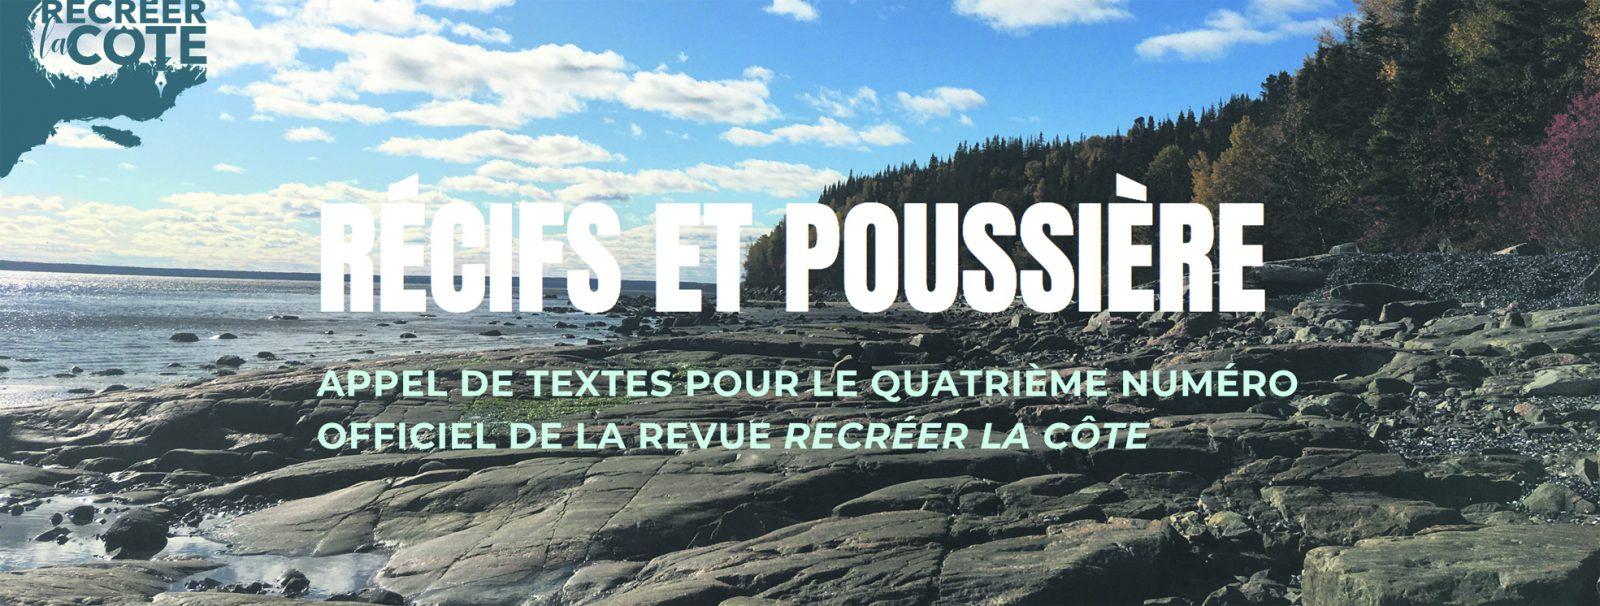 <i>Recréer la Côte</i> recherche les talents nord-côtiers